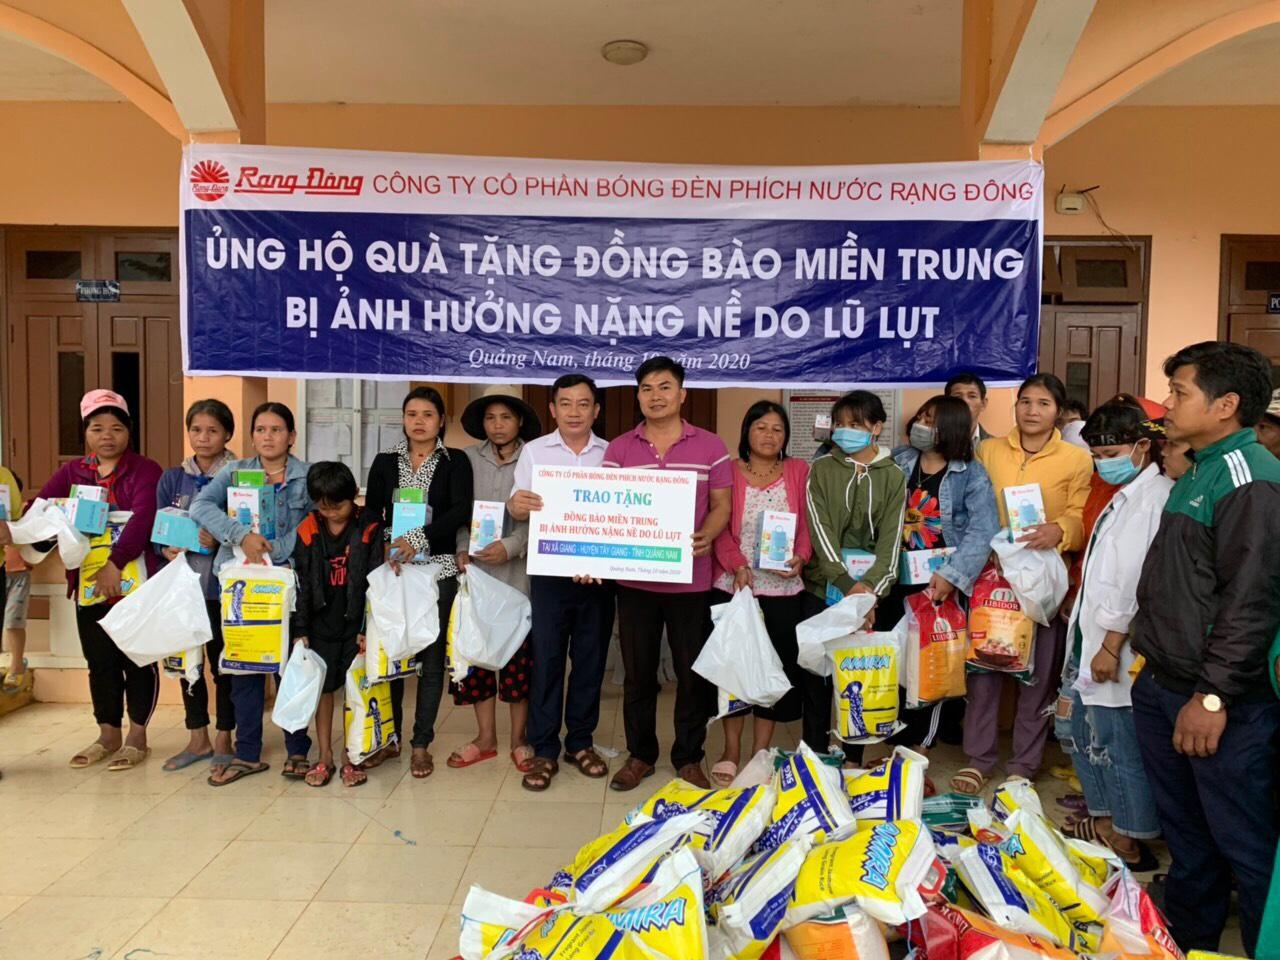 Rạng Đông chung tay cùng cả nước ủng hộ, giúp đỡ đồng bào Miền Trung